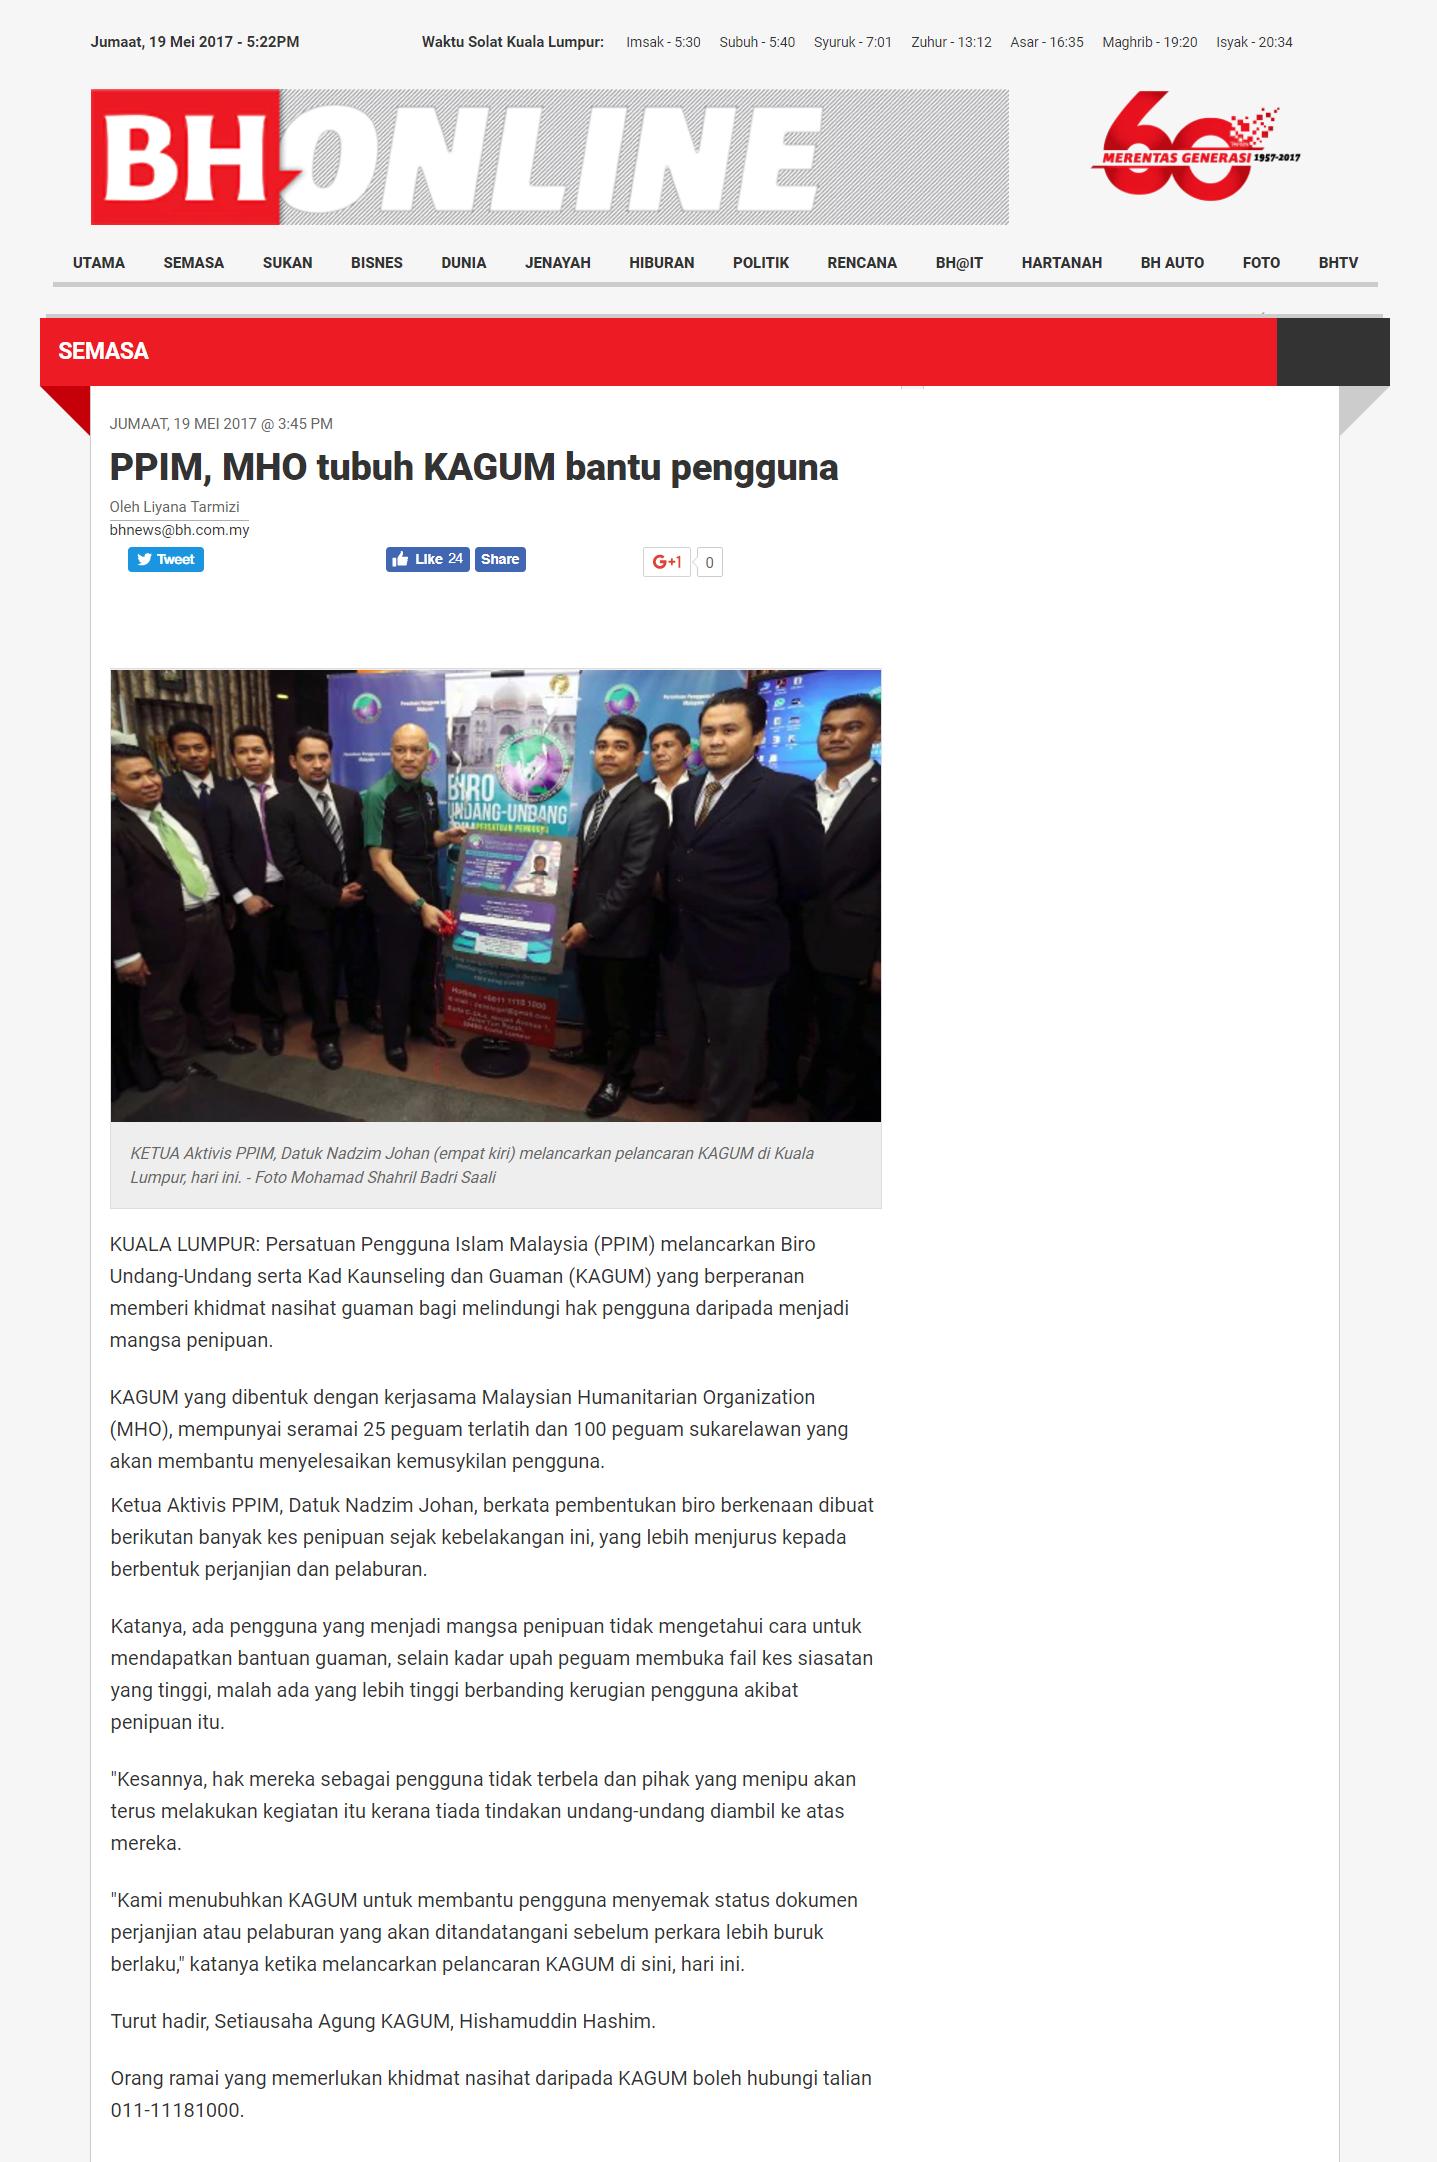 20170519 - Berita Harian - PPIM, MHO tubuh KAGUM bantu pengguna